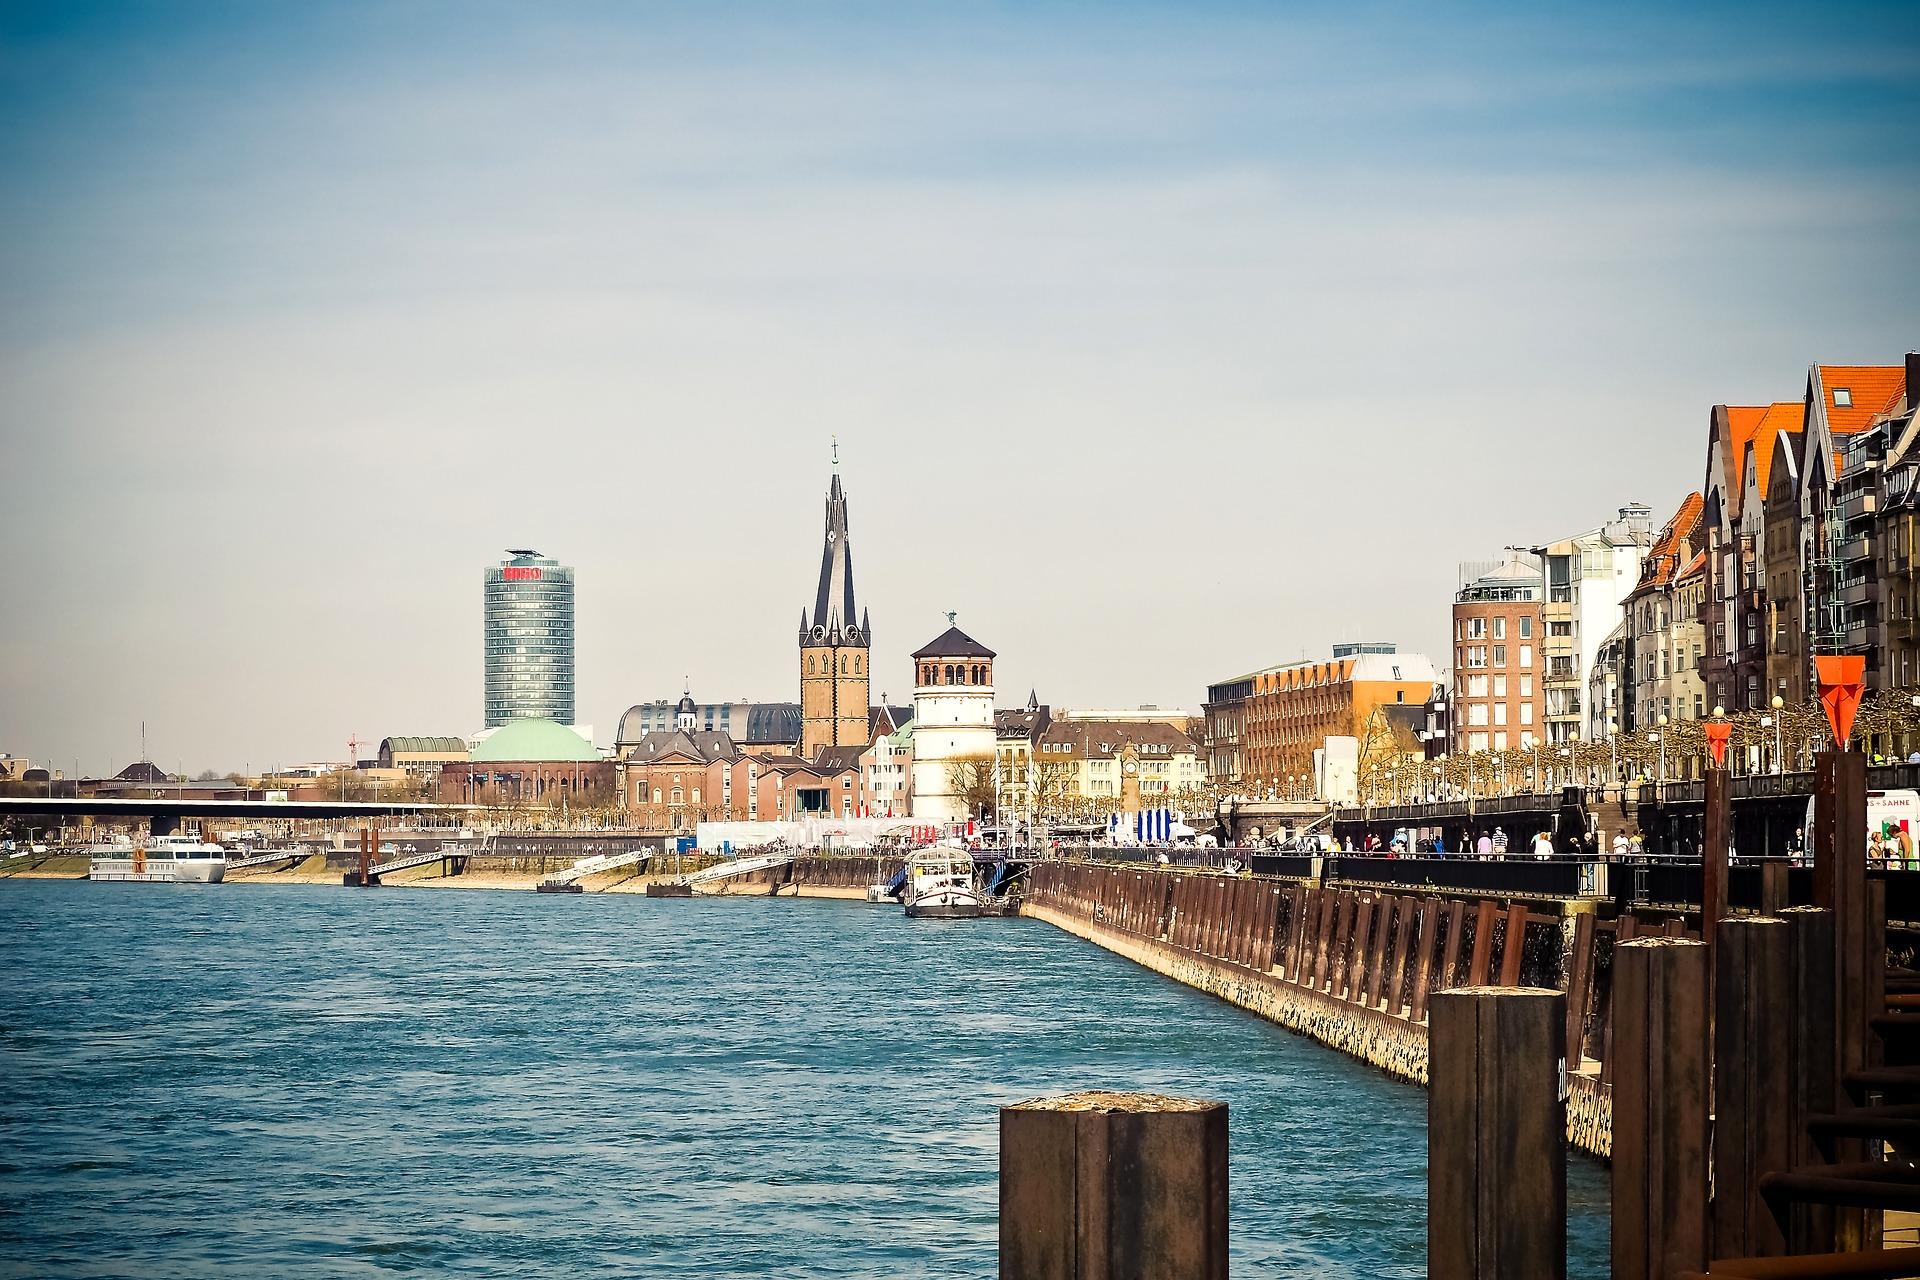 Silvester feiern in Düsseldorf 2 Nächte ab 74,50€ p.P Rhein